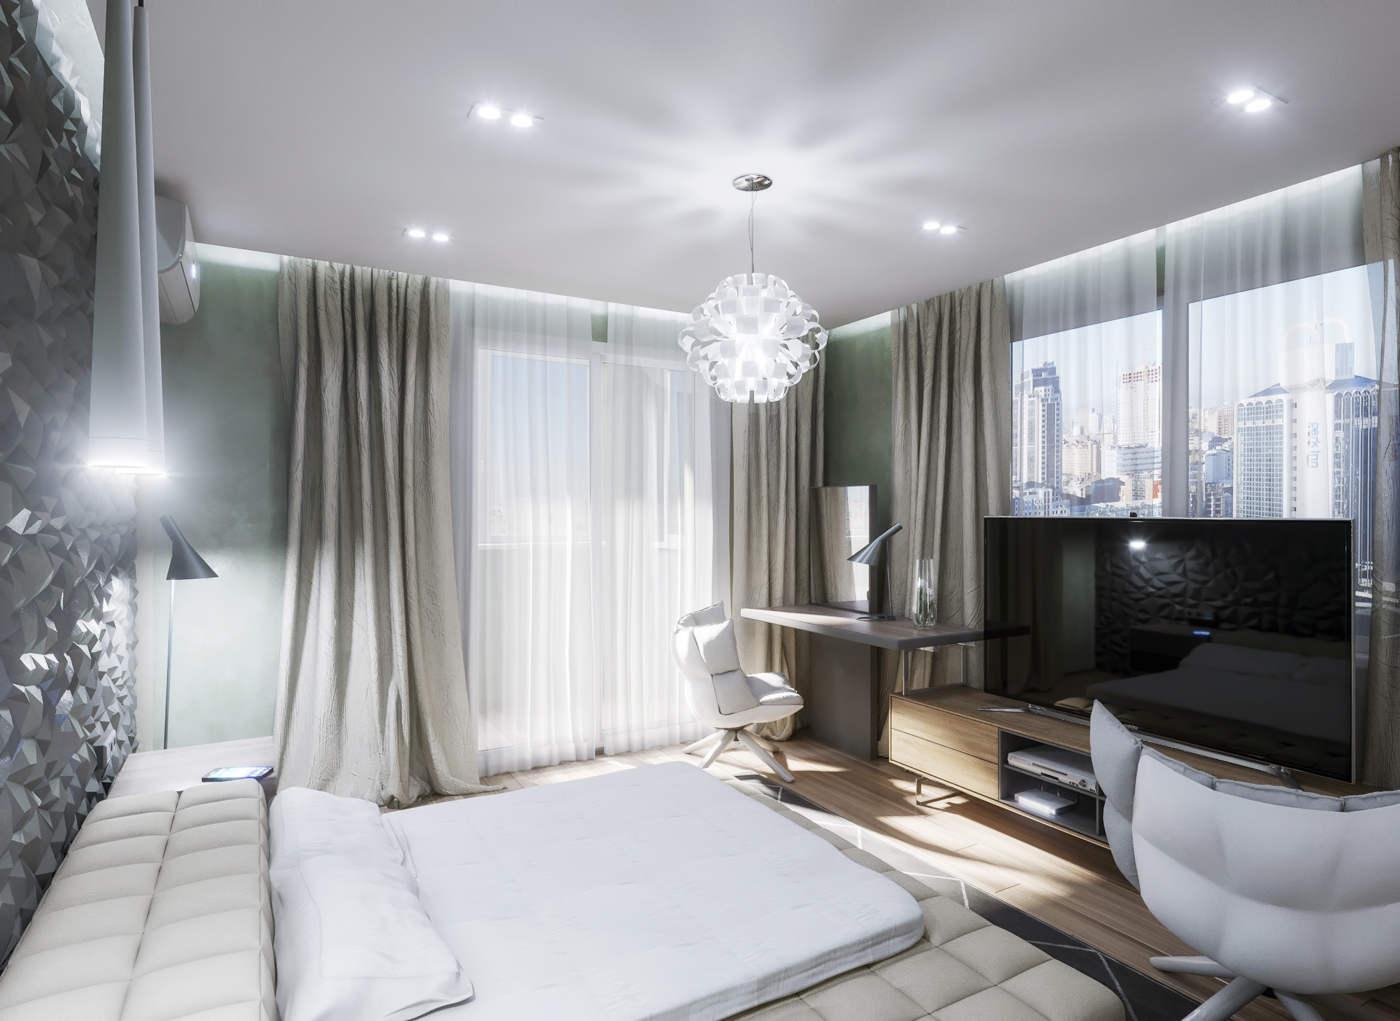 дизайн спальной с декоративным покрытием стен в ЖК Малахит